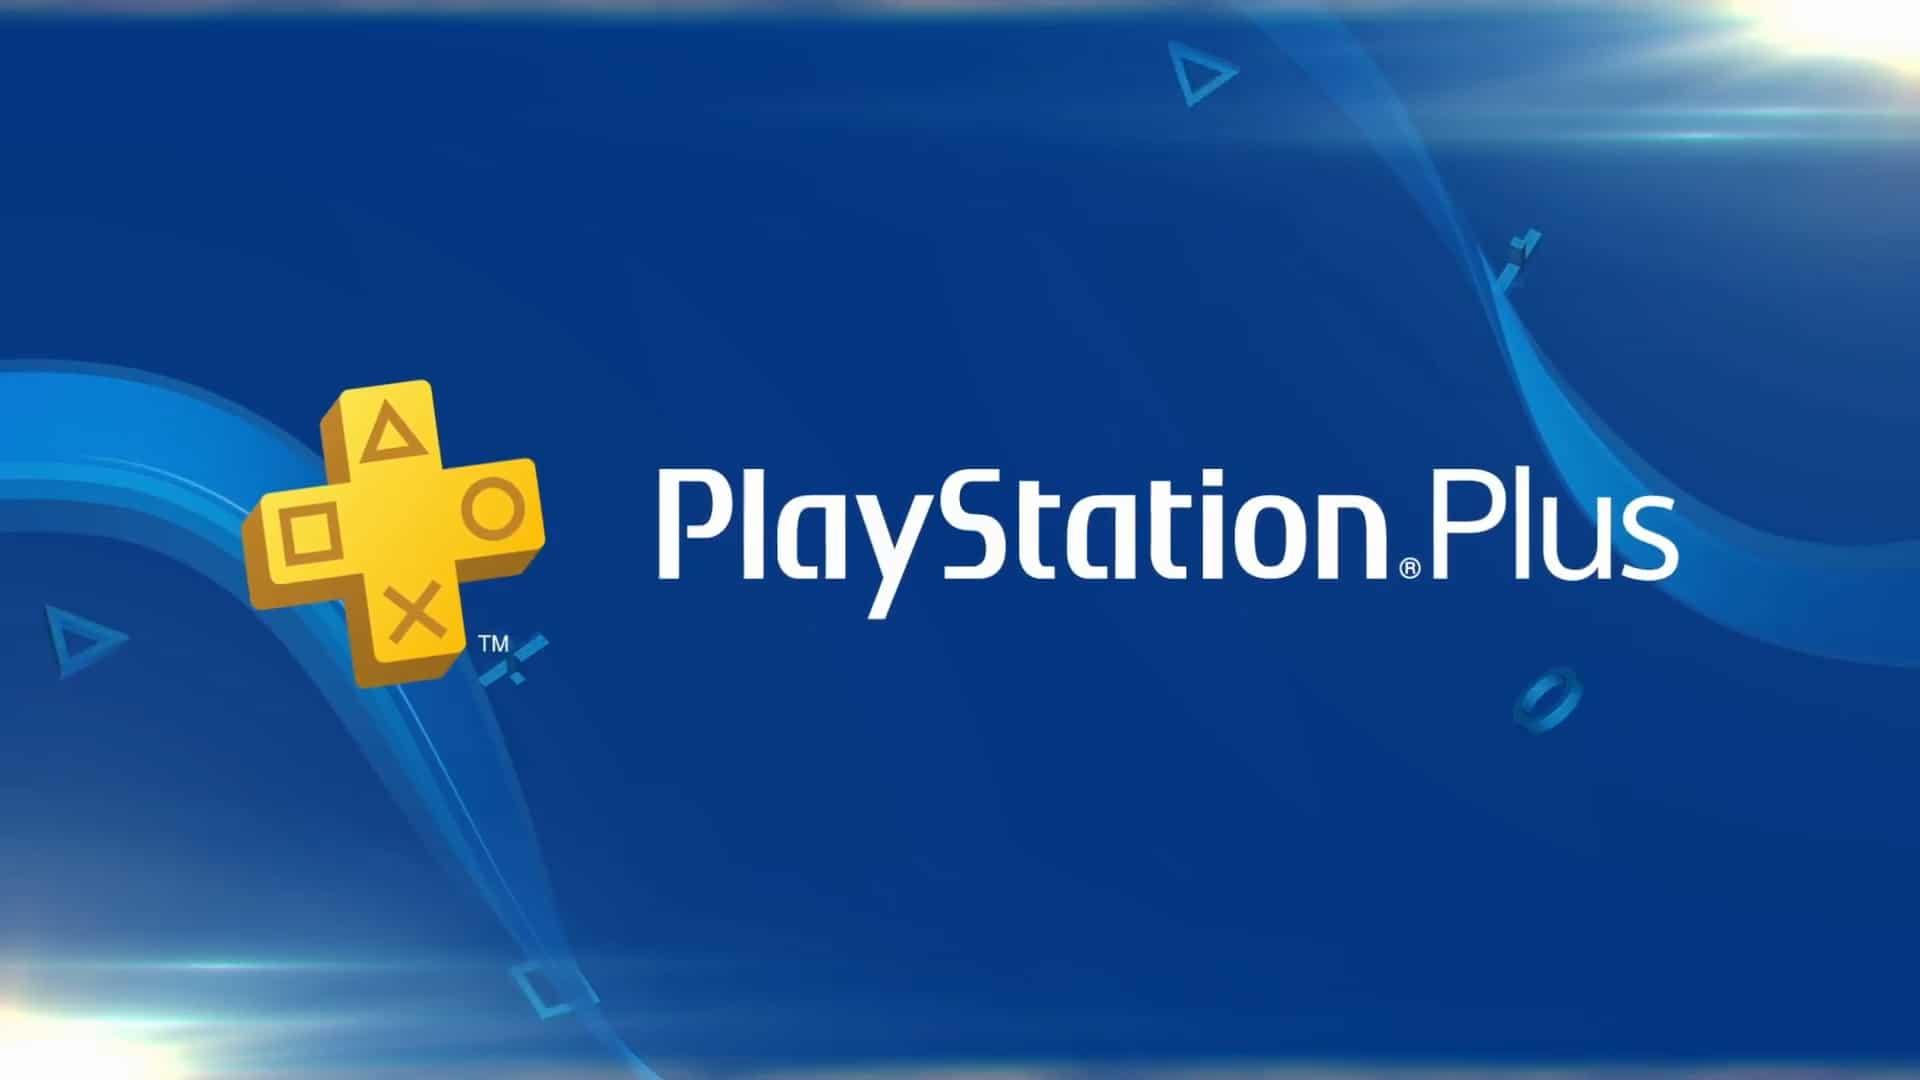 PS5, Sony ha sorprendido a sus fanáticos dando juegos nuevos en la plataforma PlayStation Plus, GamersRD